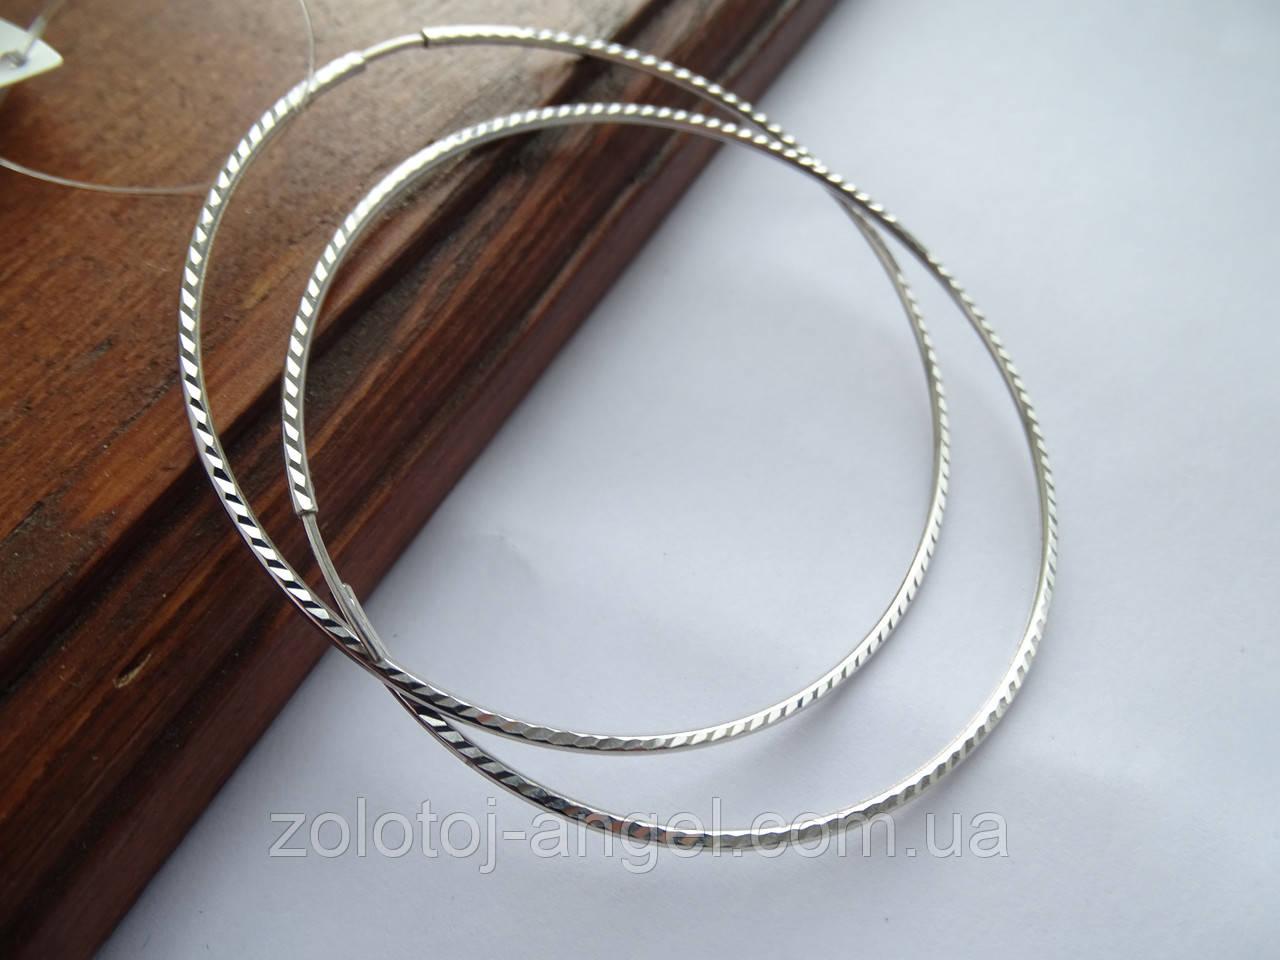 Серебряные серьги - кольца 70 мм. с Алмазной гранью